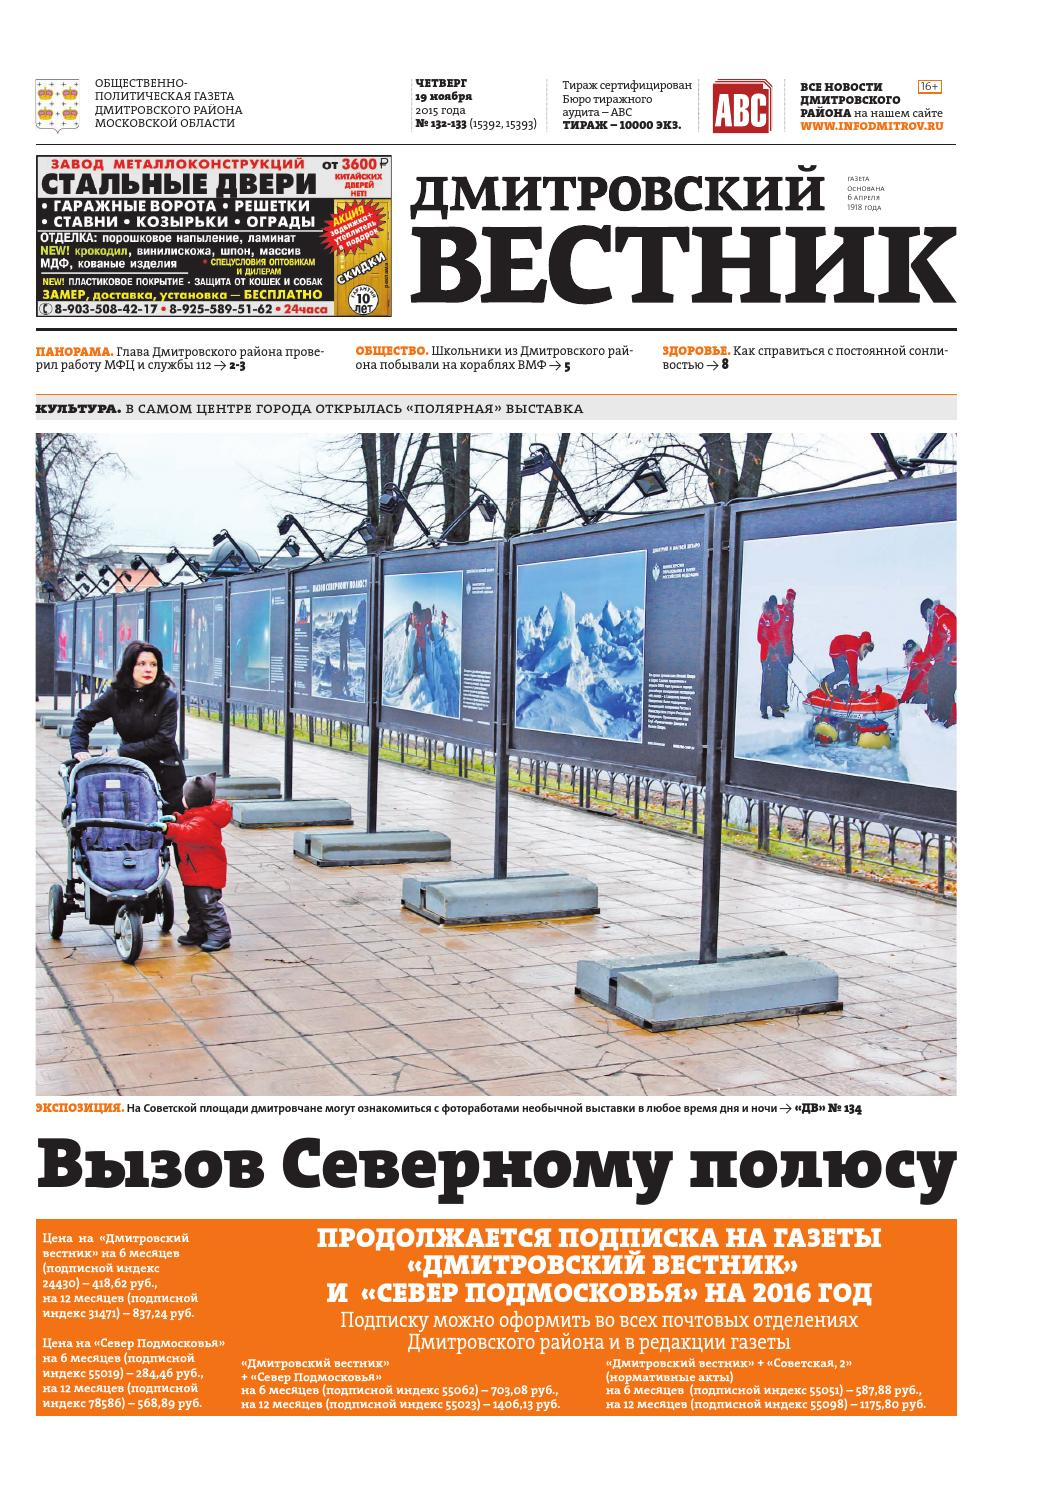 Дмитров купить медицинскую книжку регистрация транспортного средства в гибдд иностранному гражданину